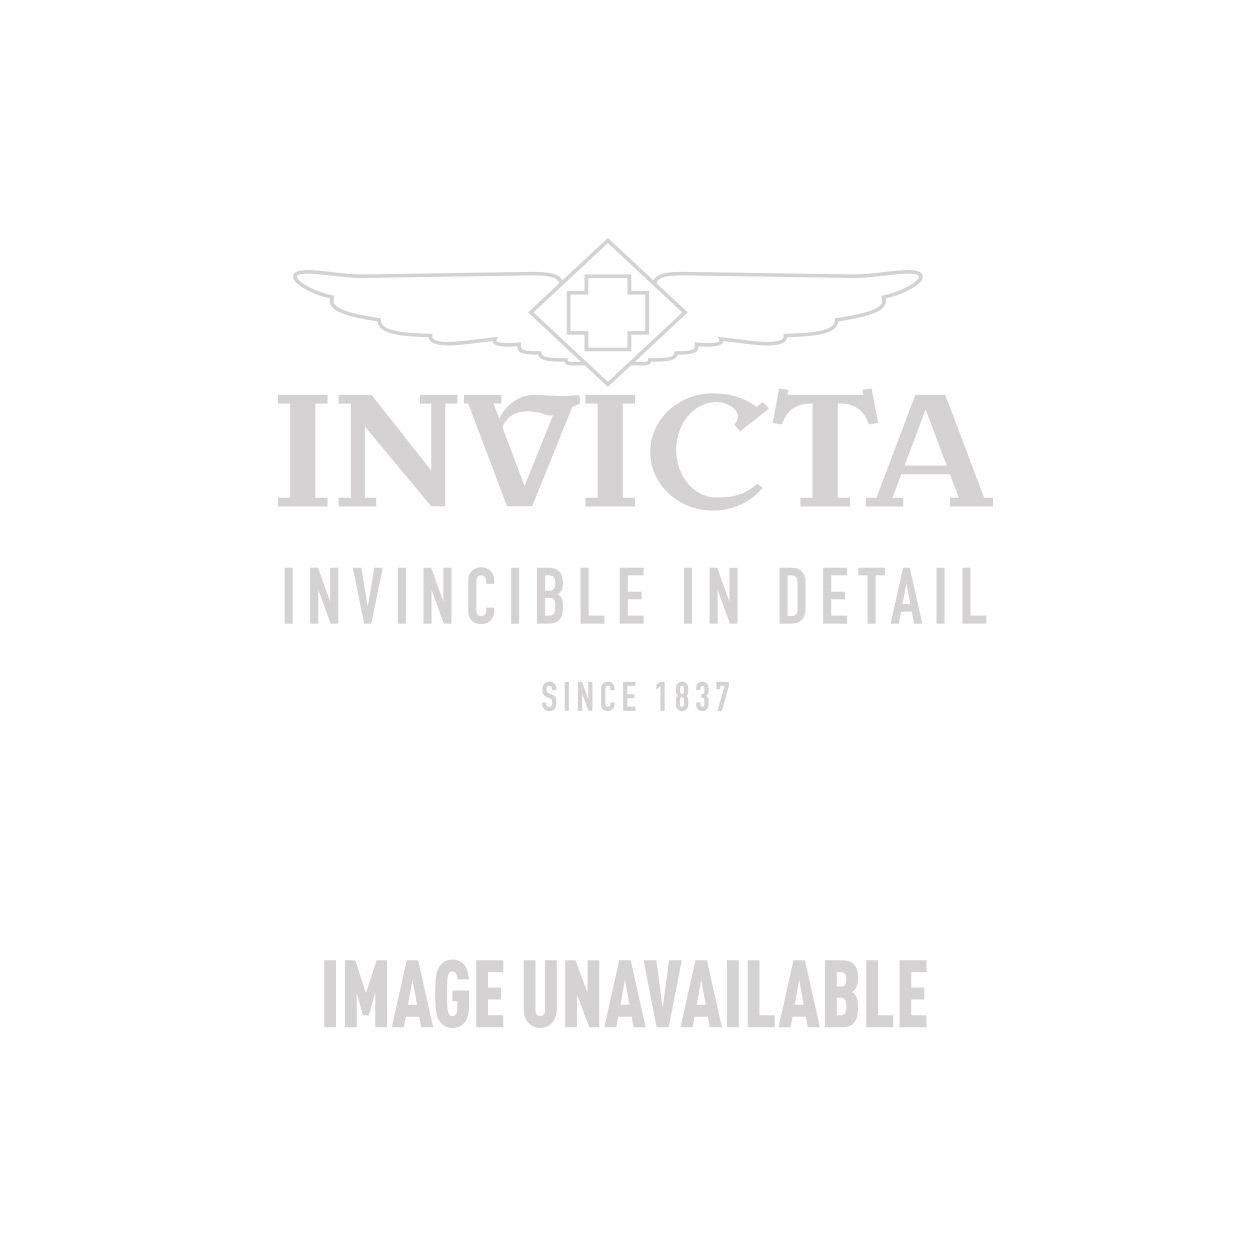 Invicta Model 28619